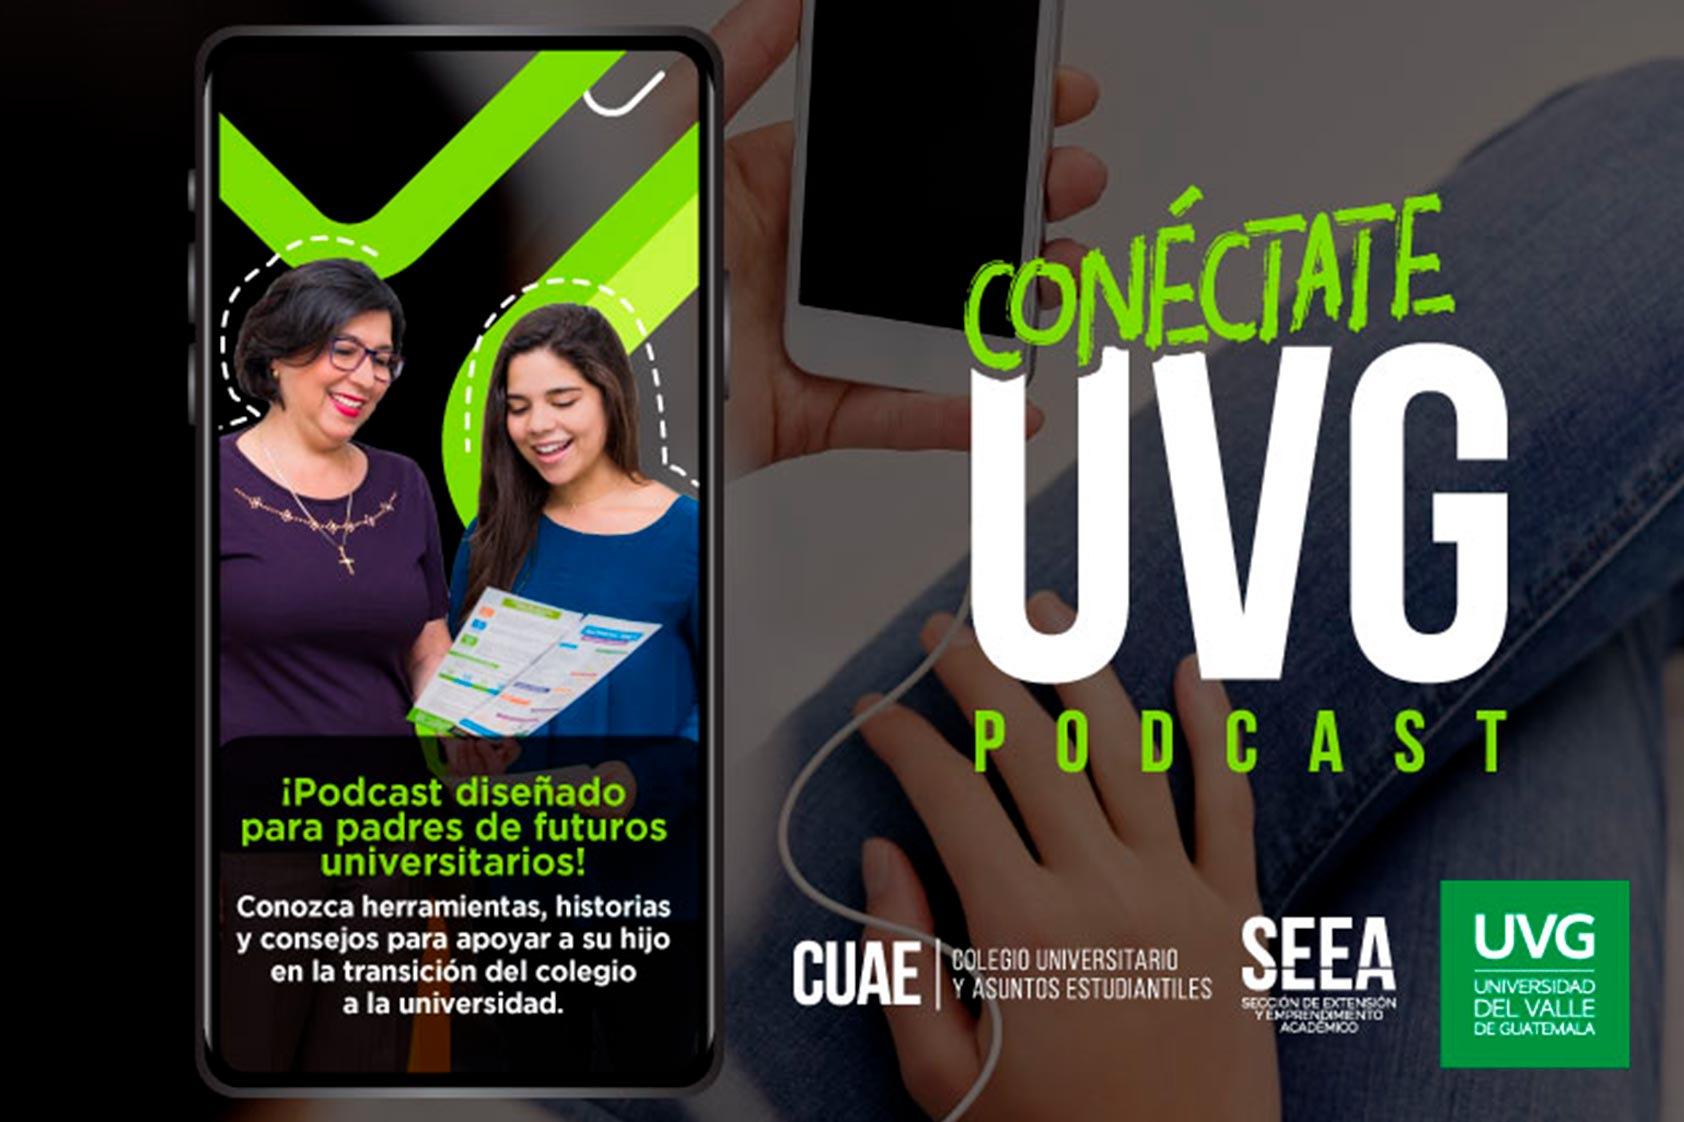 El nuevo podcast de UVG que ayudará a padres de próximos universitarios